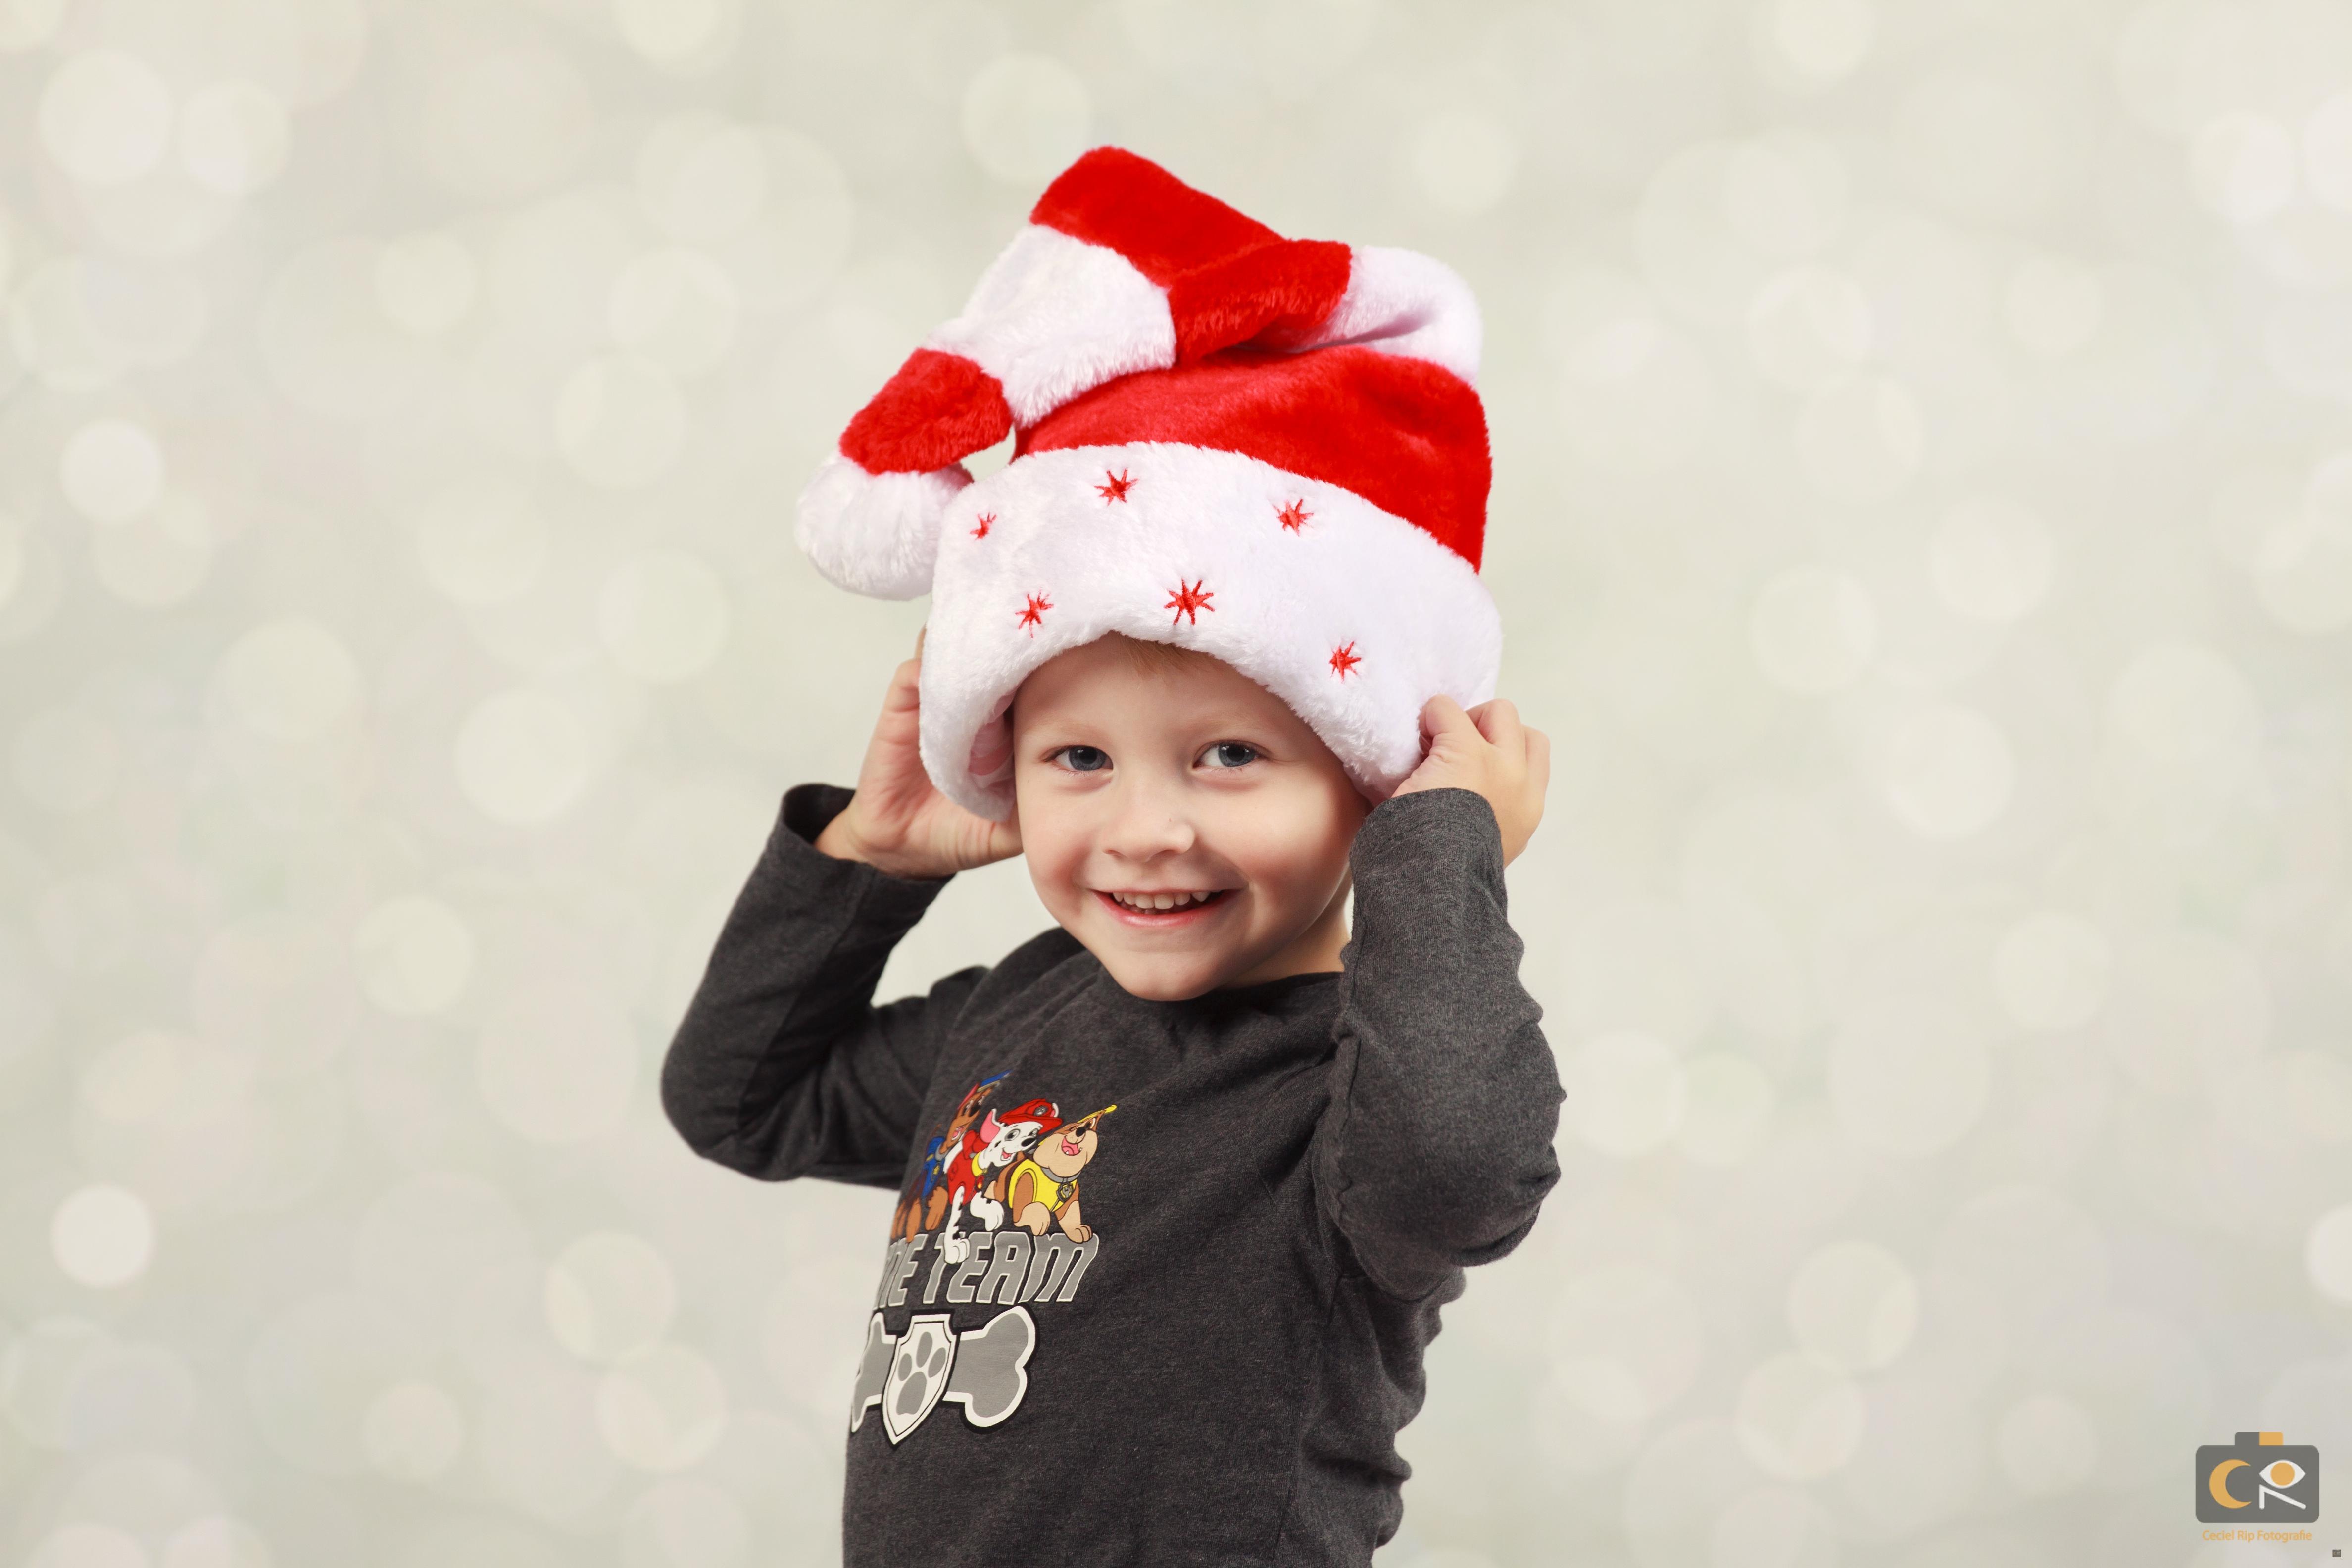 kerst fotoshoot voor kinderen, Ceciel rip fotografie